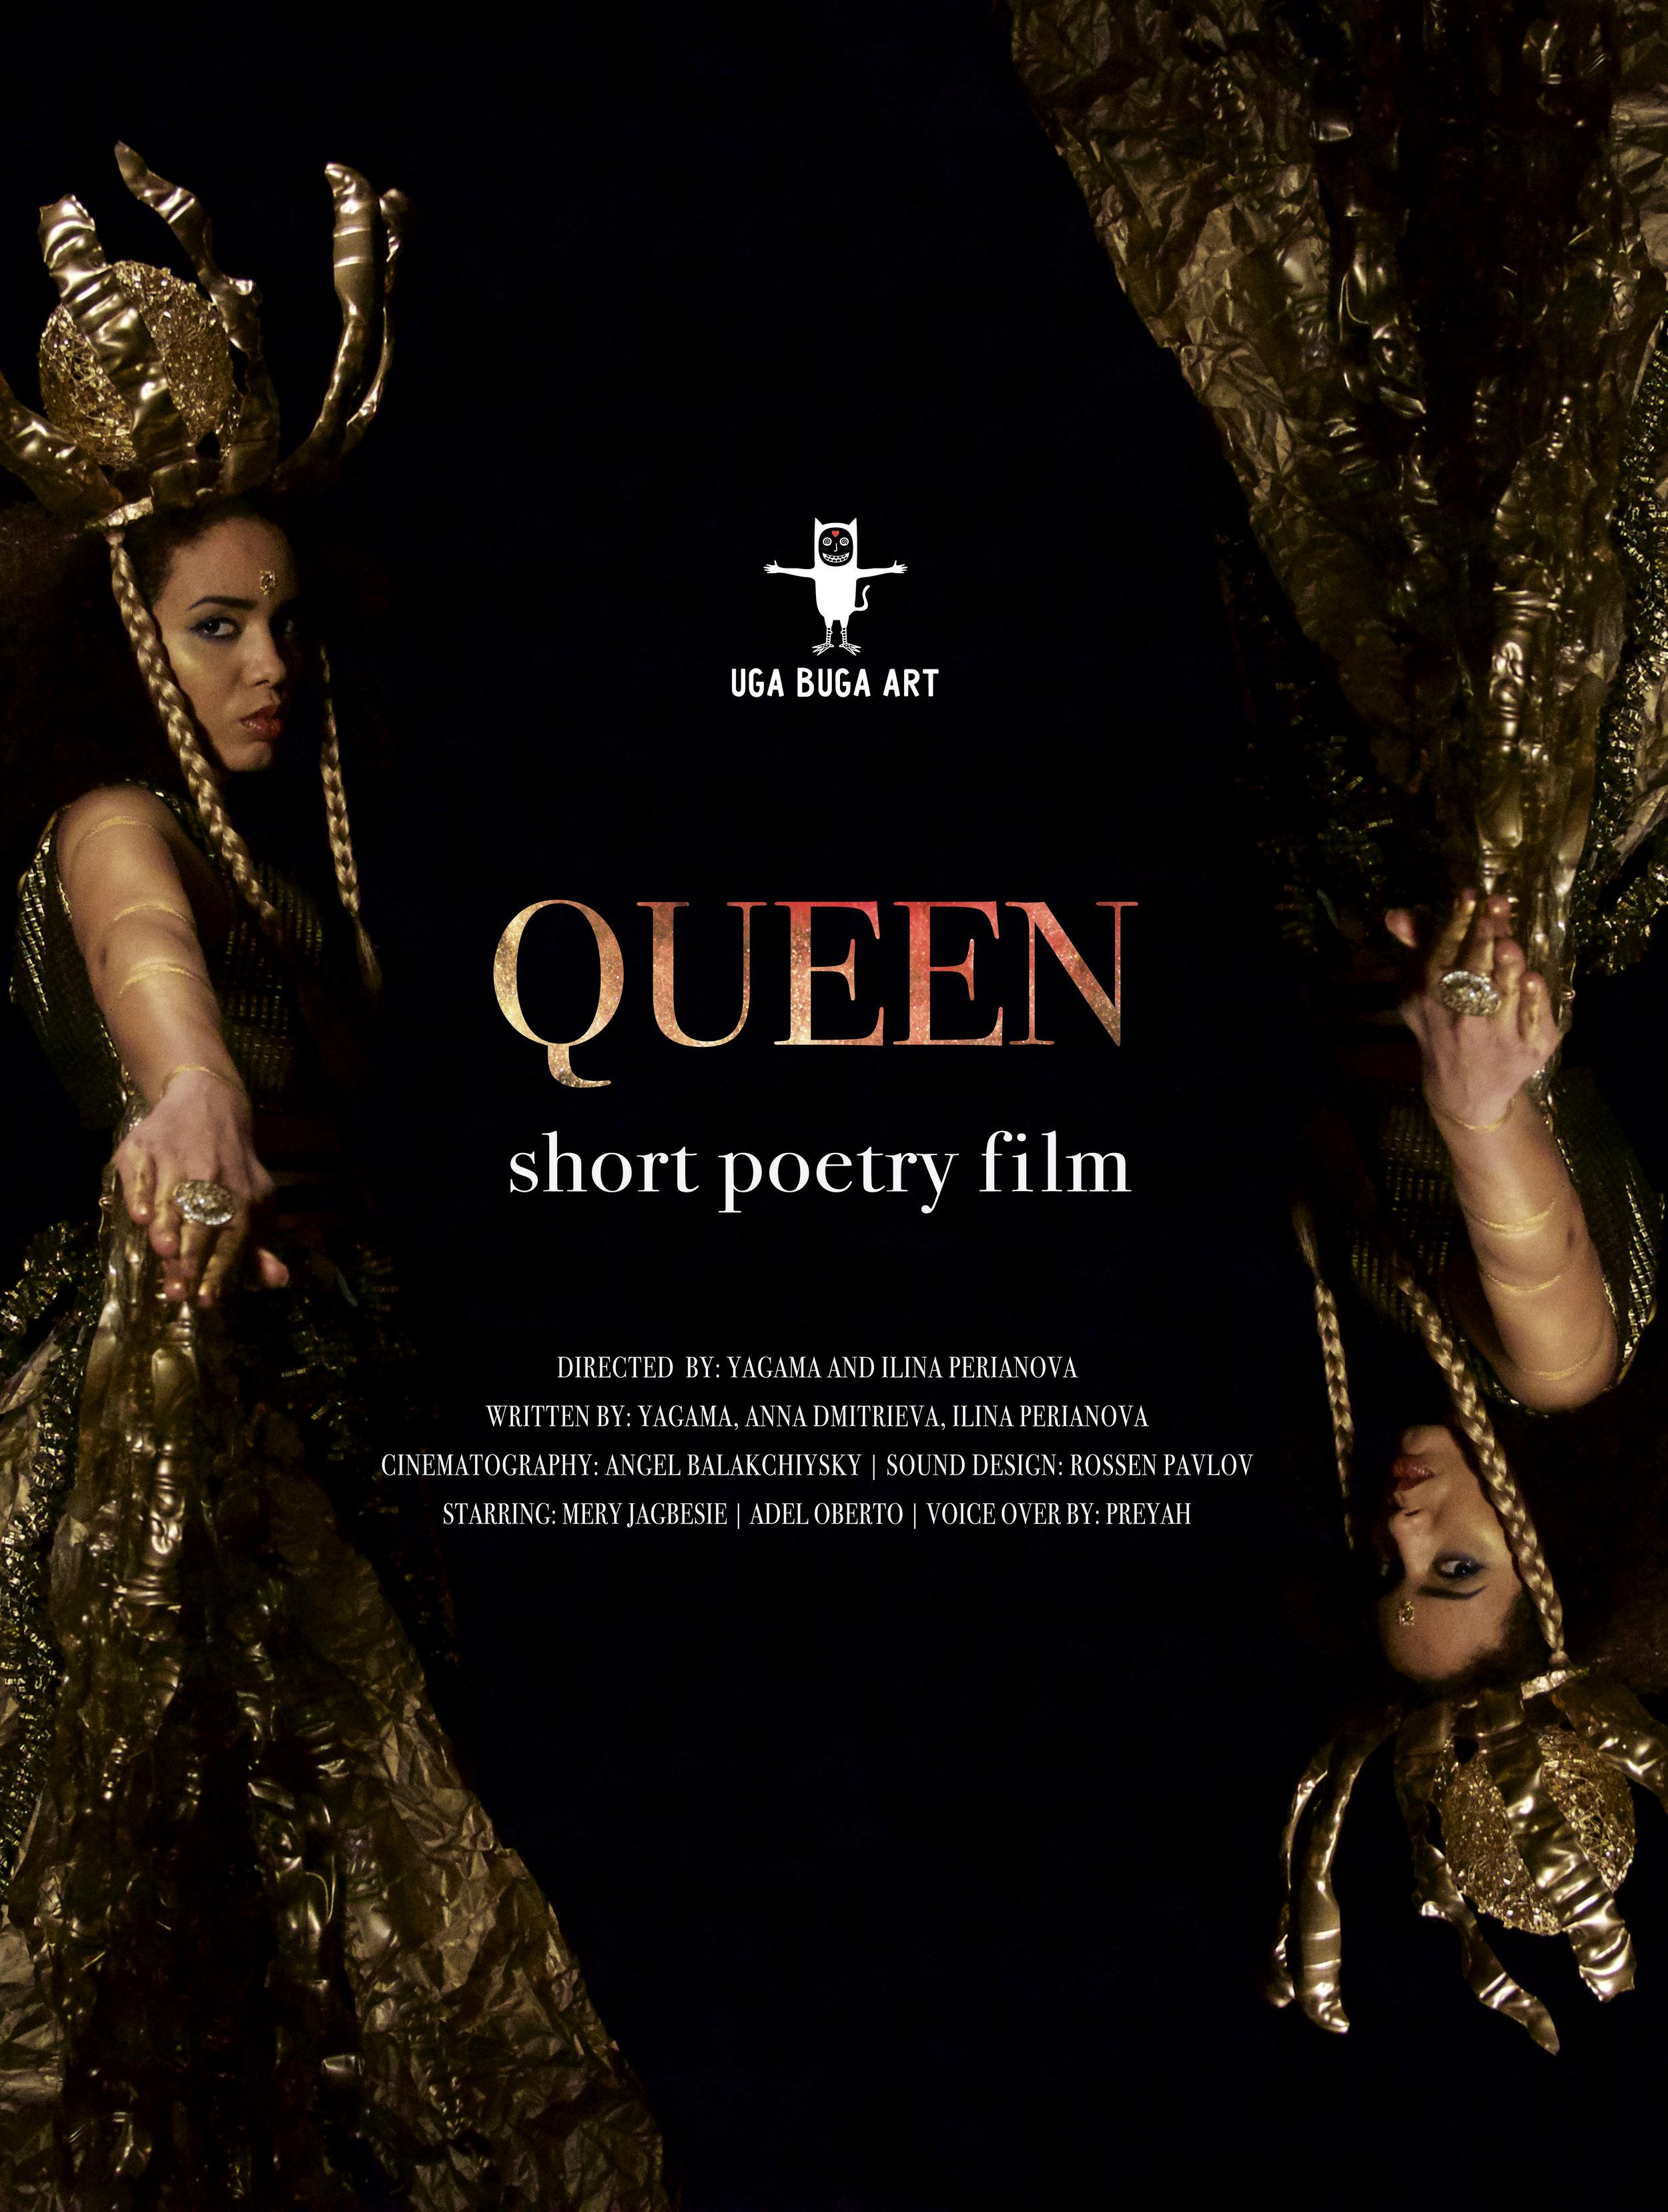 poster queen final.jpg